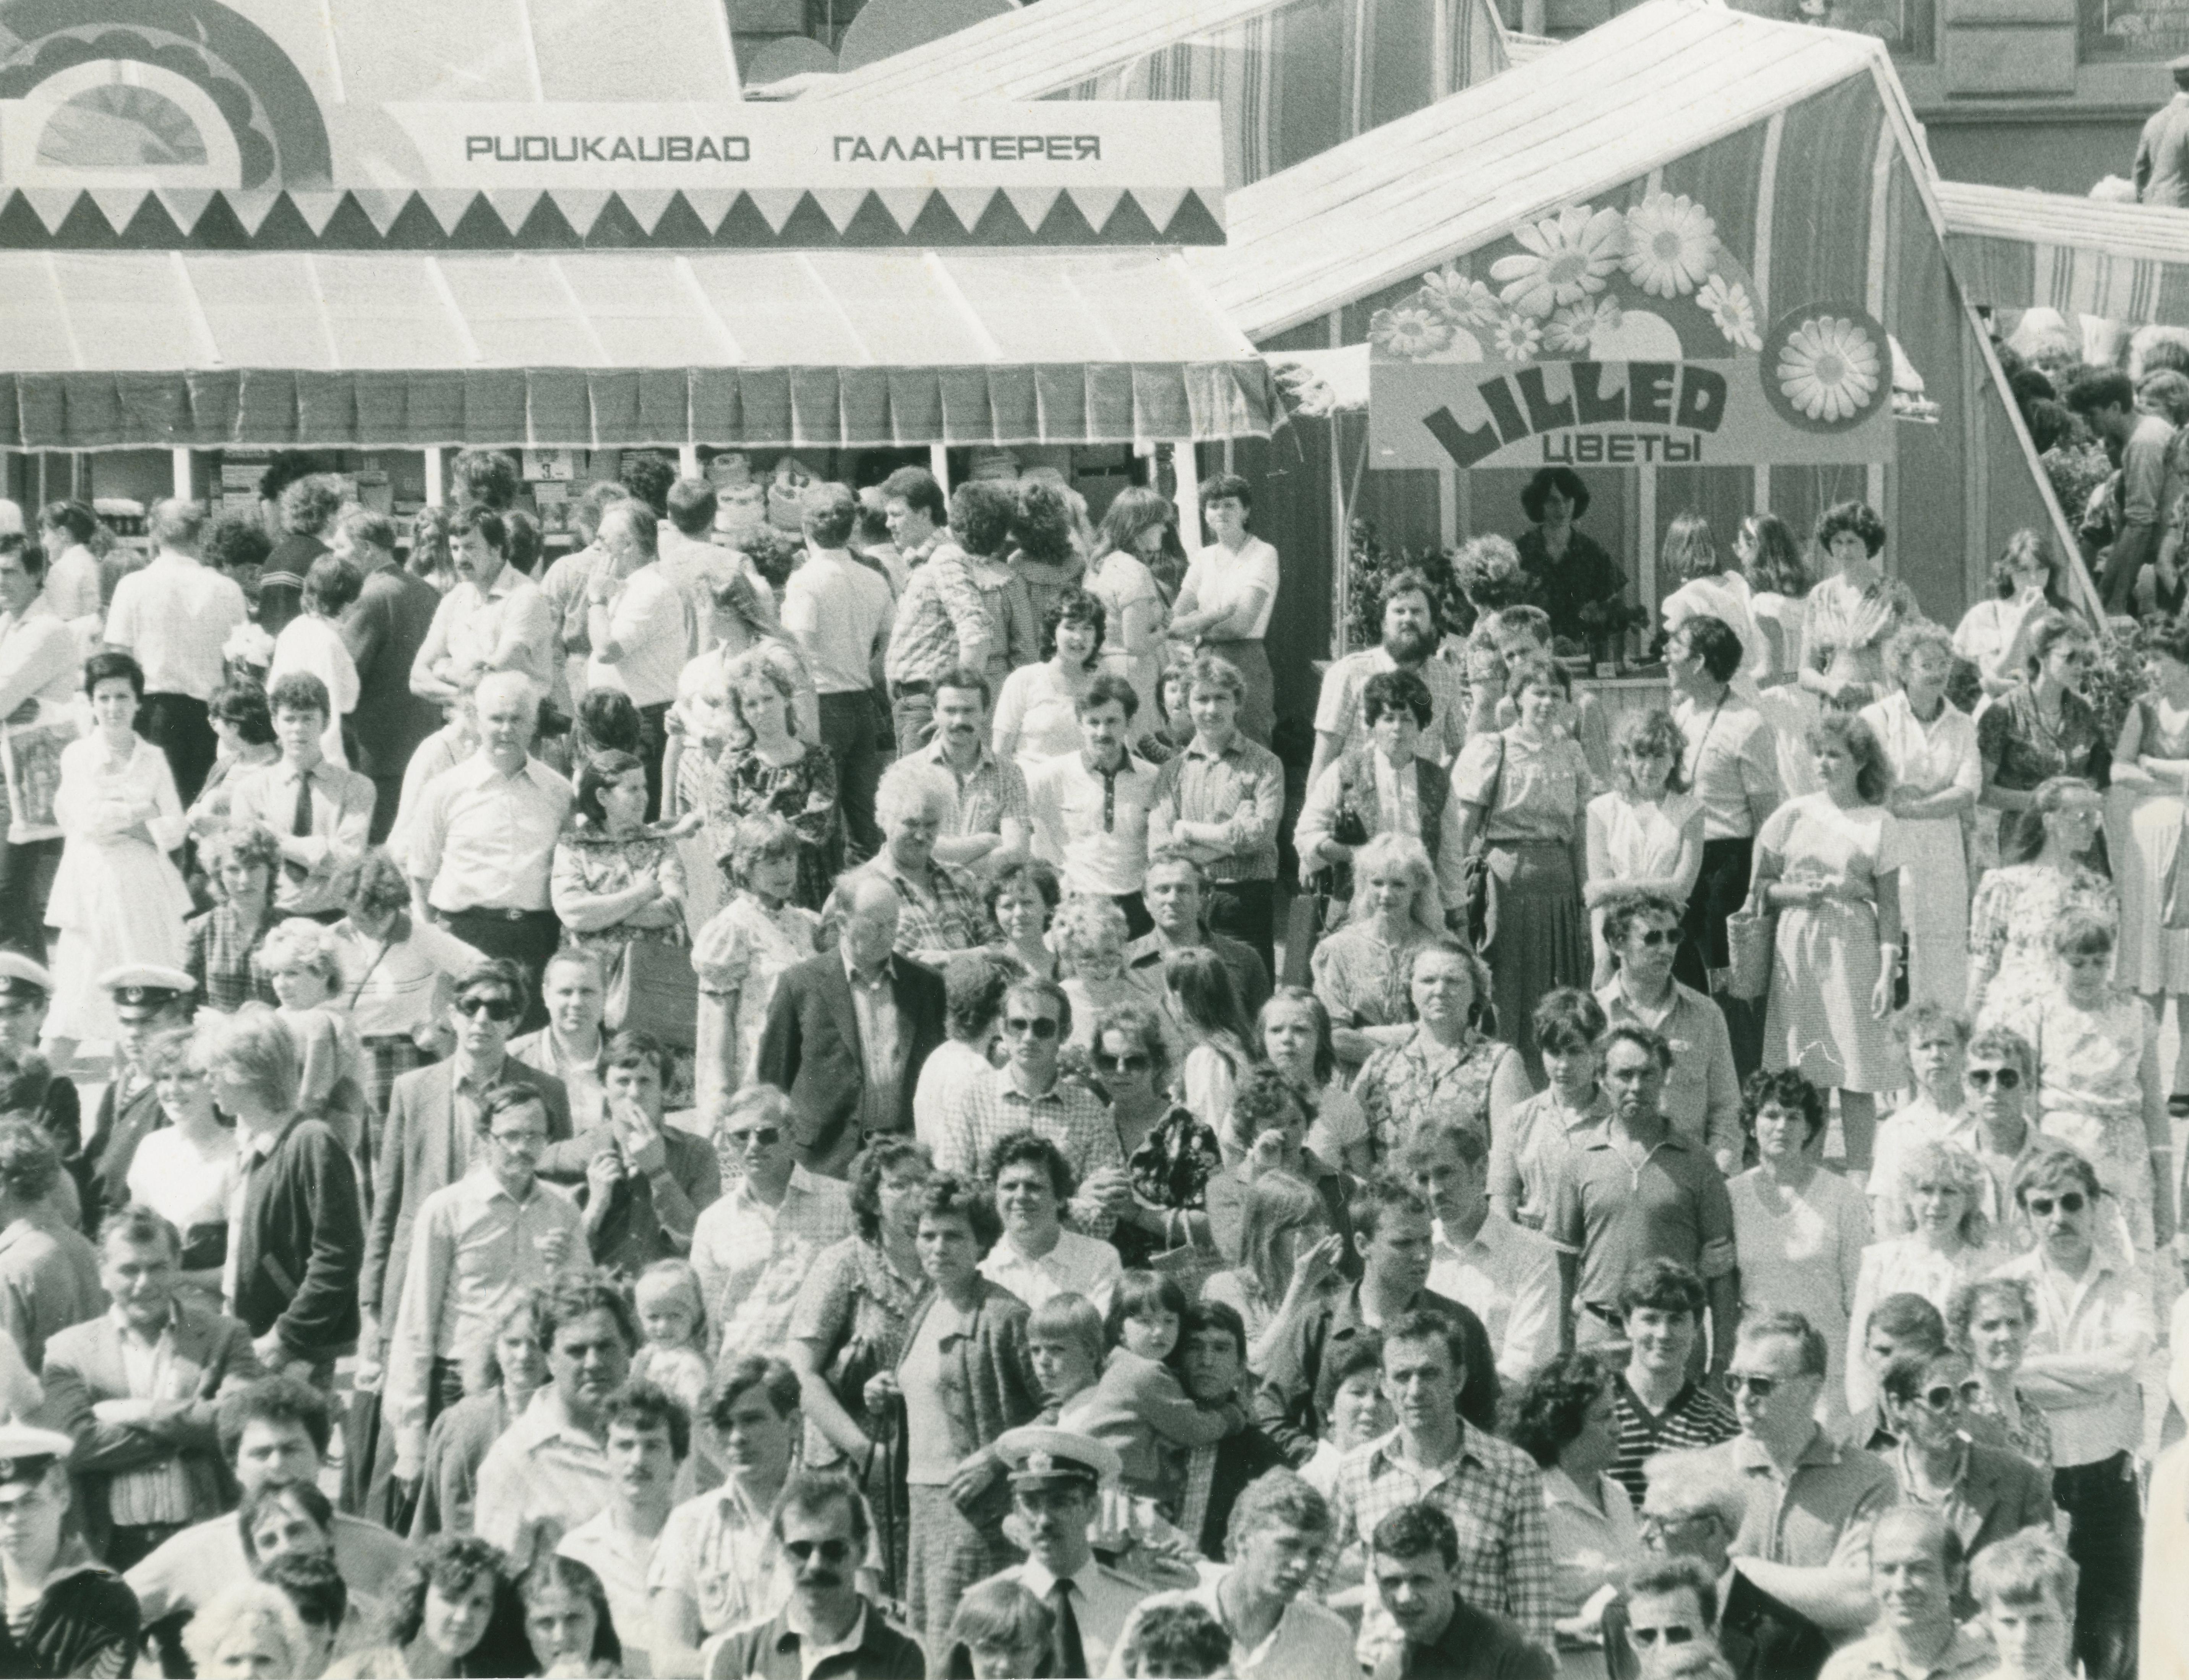 Foto Vanalinna päevadest aastatest 1984 - 1990. Rahvarohke üritus Raekoja platsil. Fotograaf: Georgi Tsvetkov. erf0002_002_0004395_00000_00017_fk